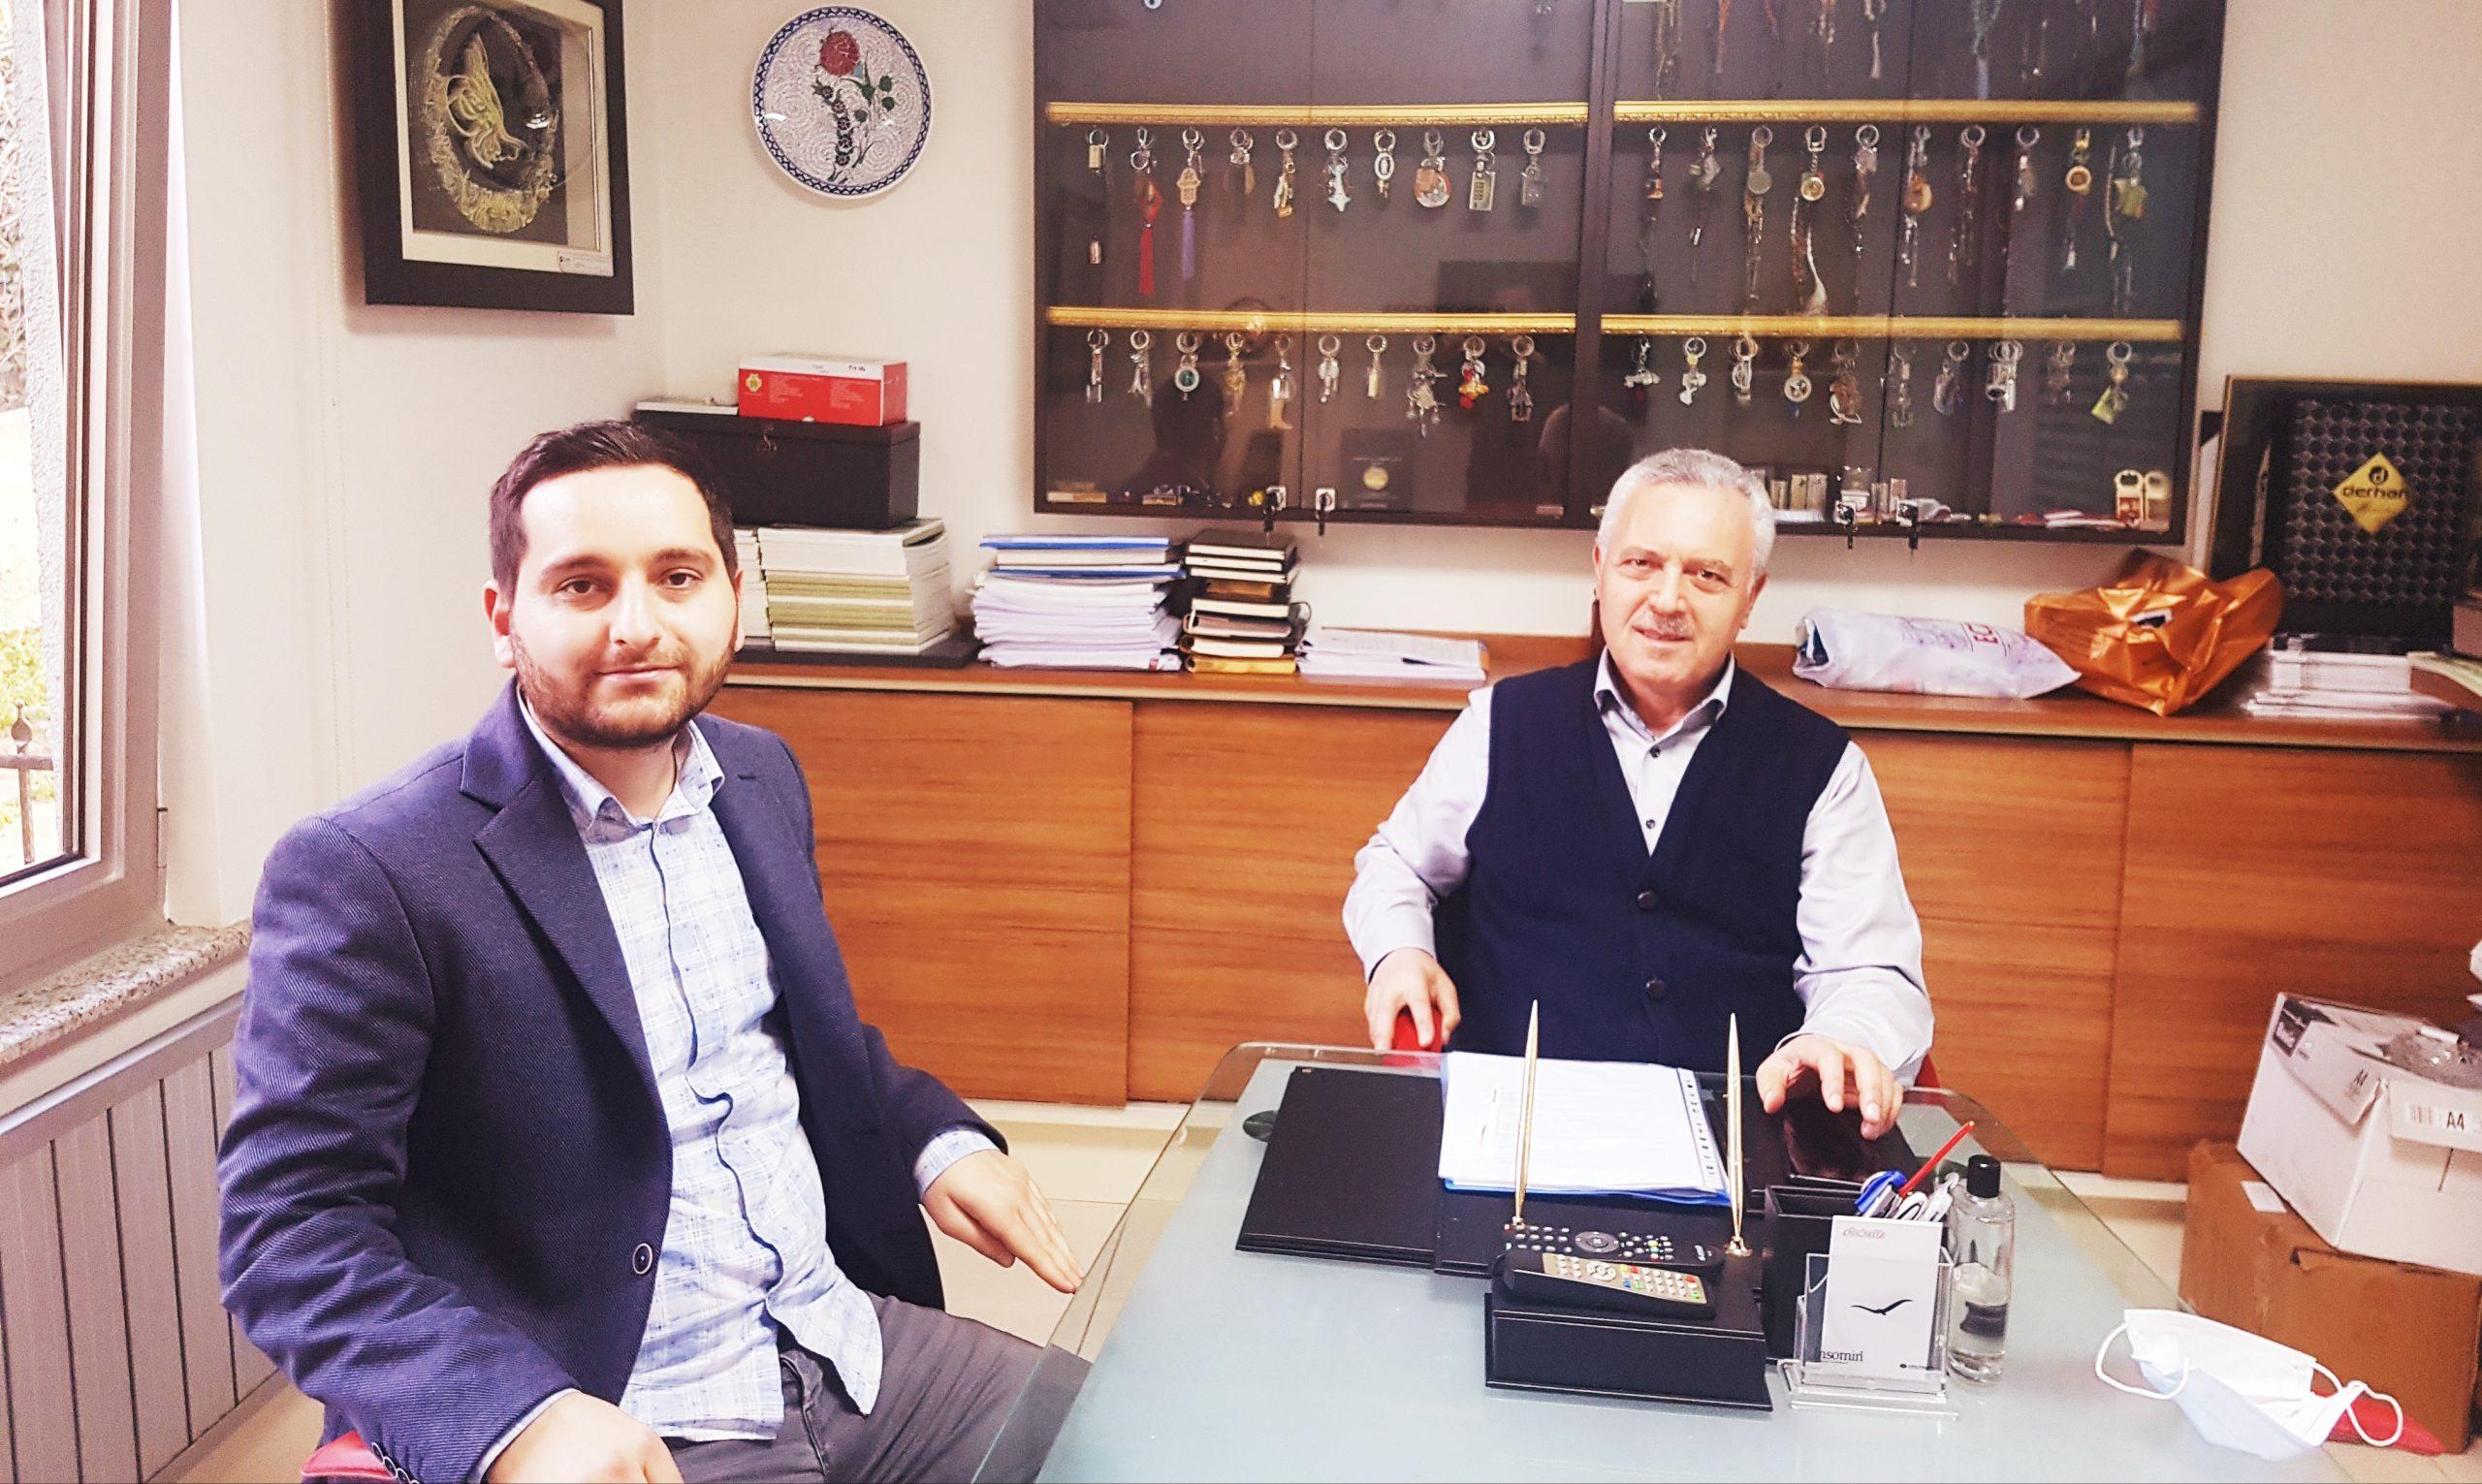 İstanbul Milletvekili Mustafa Ataş'tan gazetemize çarpıcı Ataşehir çıkışı!